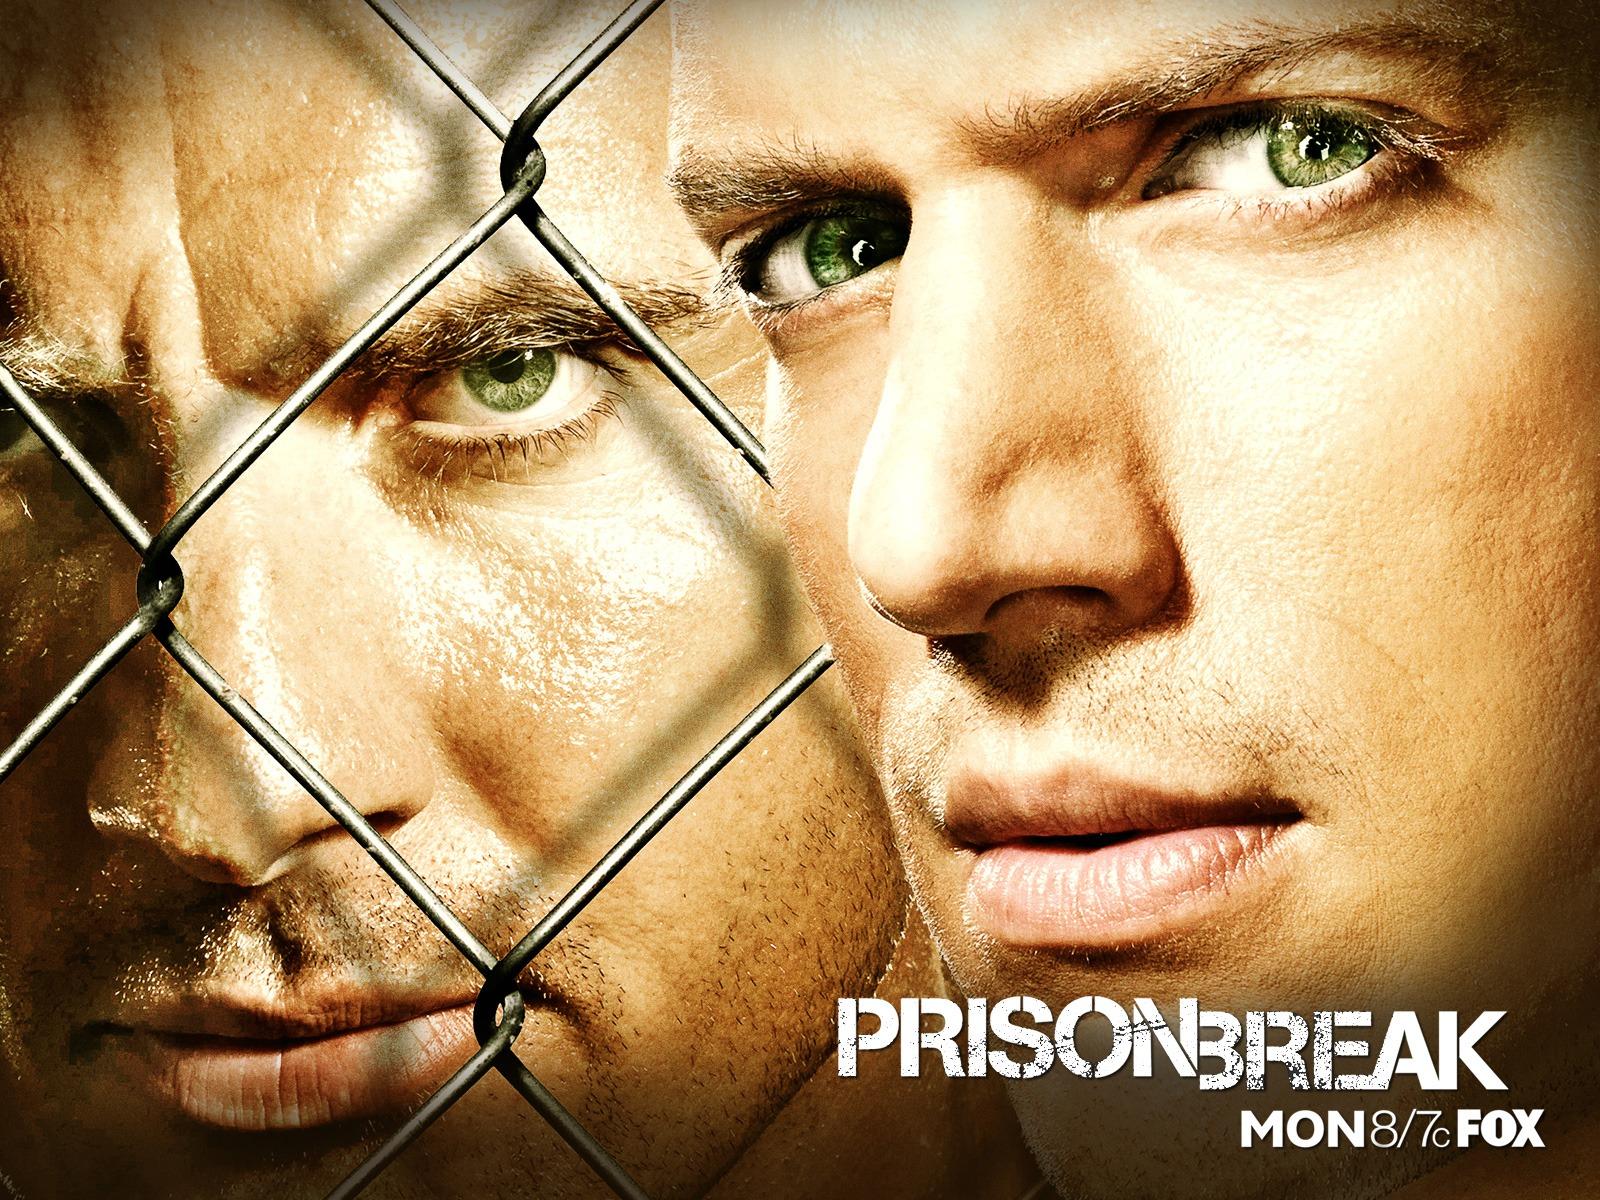 Prison break season 1 all episodes hd 720p free download.